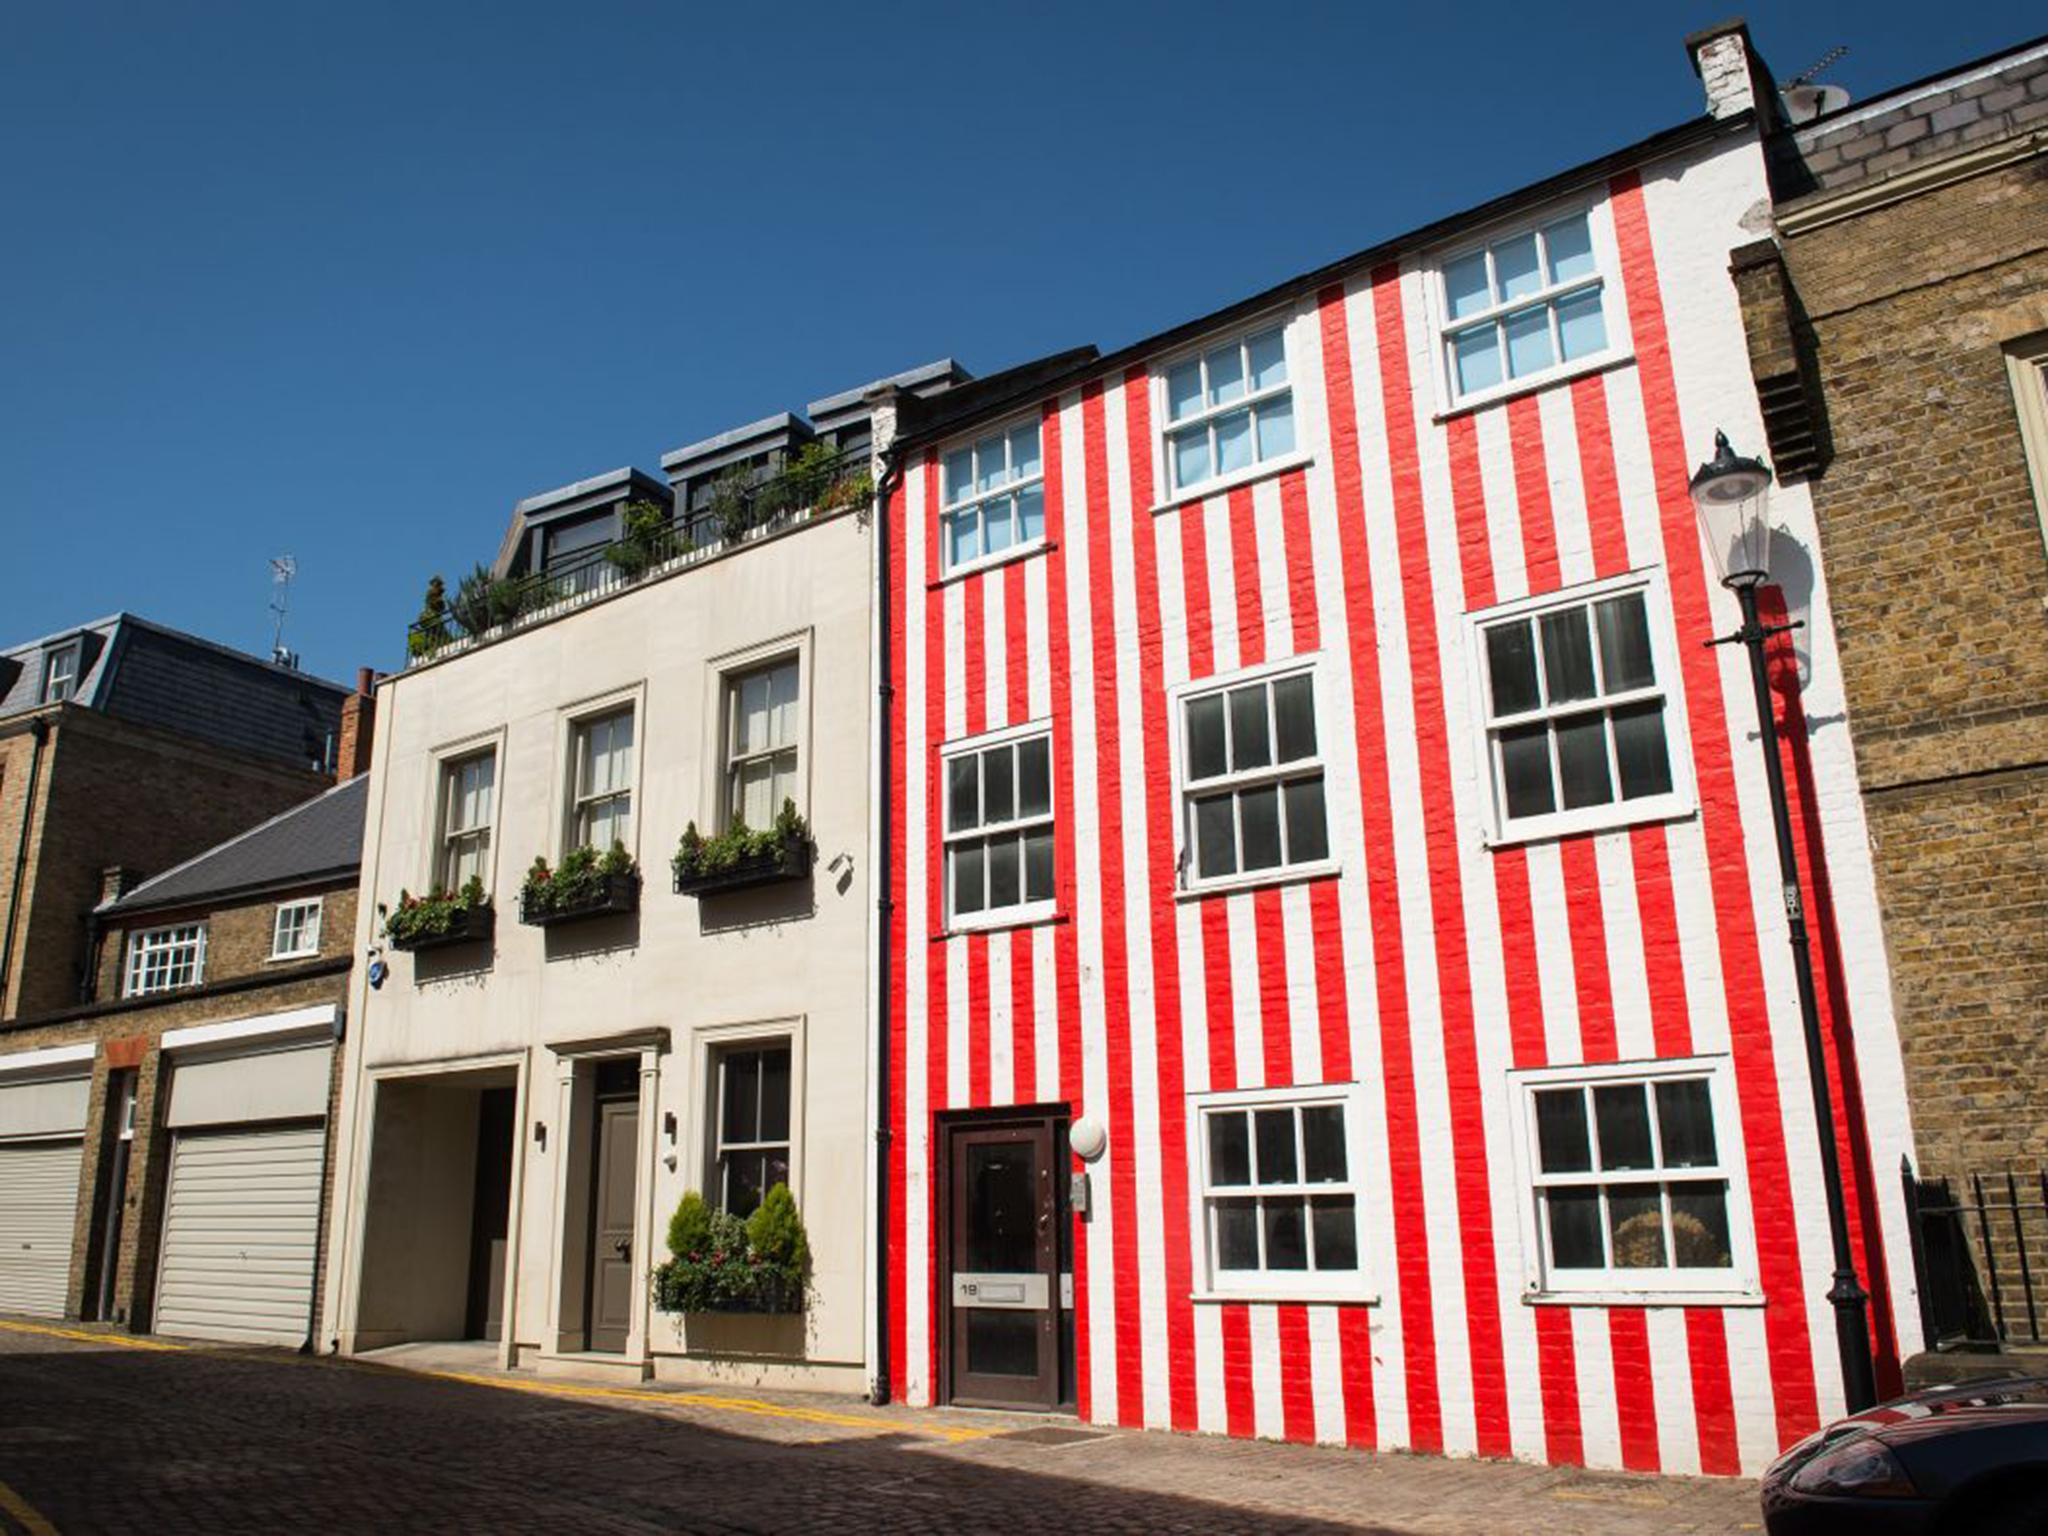 Fachada de una casa pintada a rayas